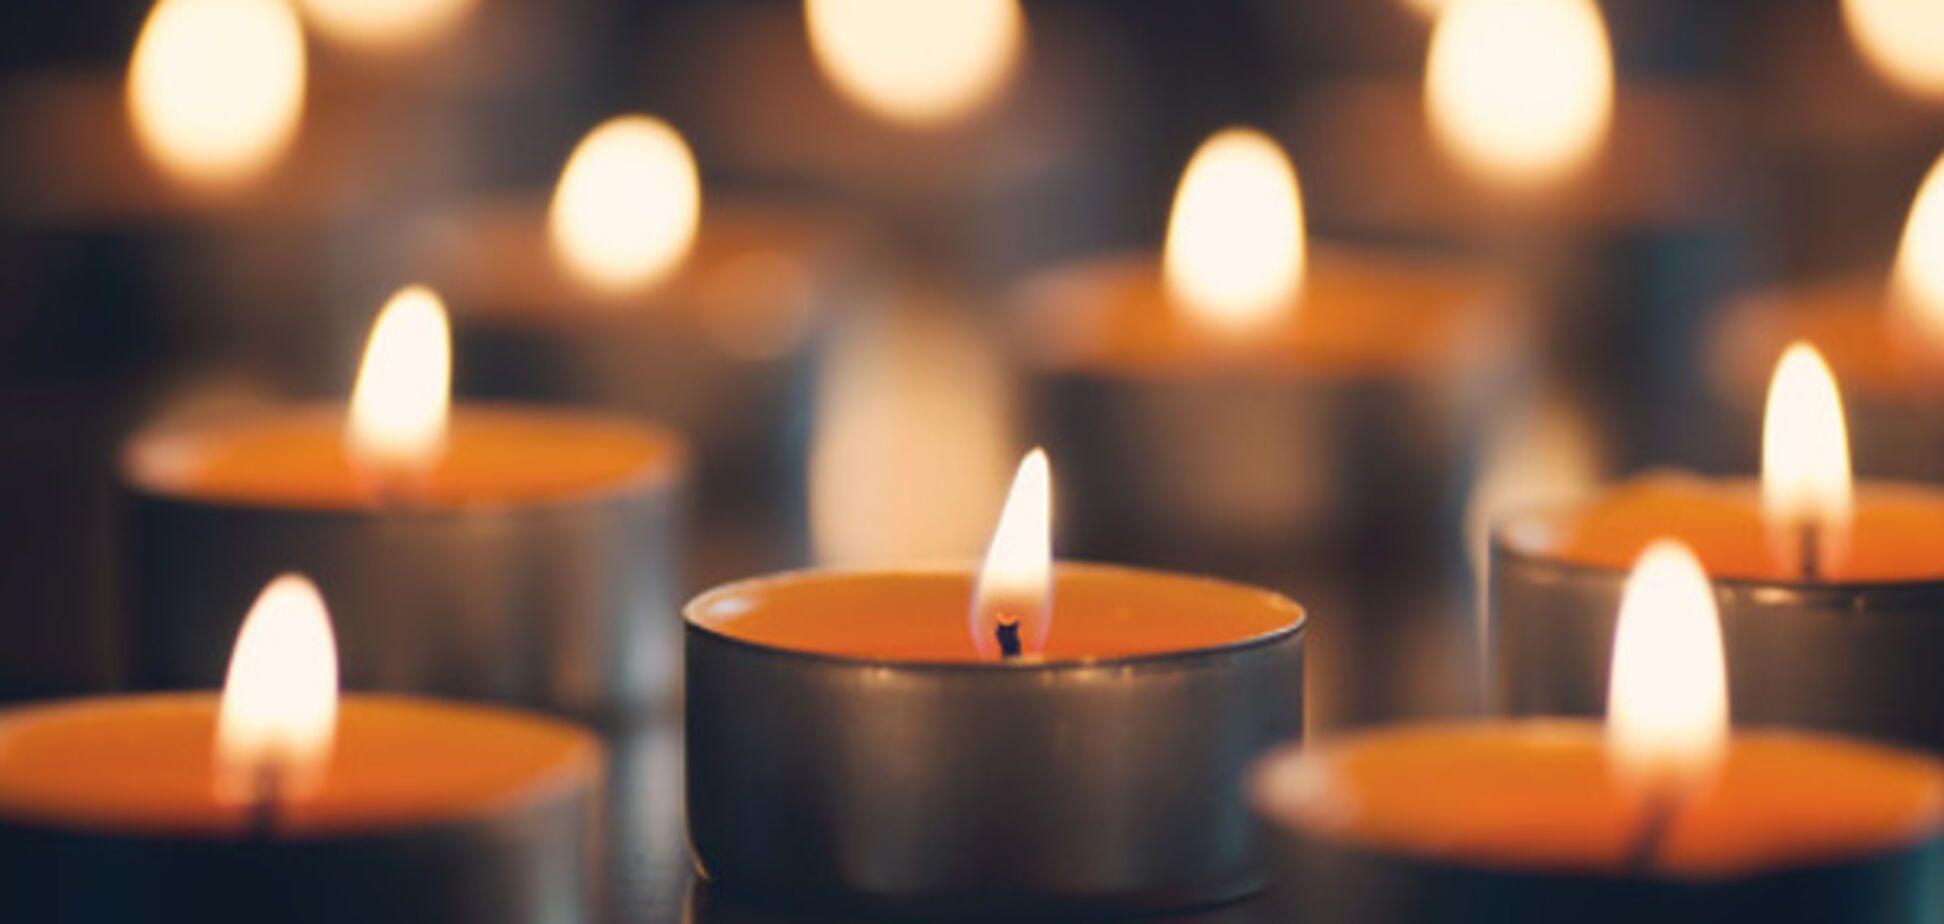 похоронная свеча